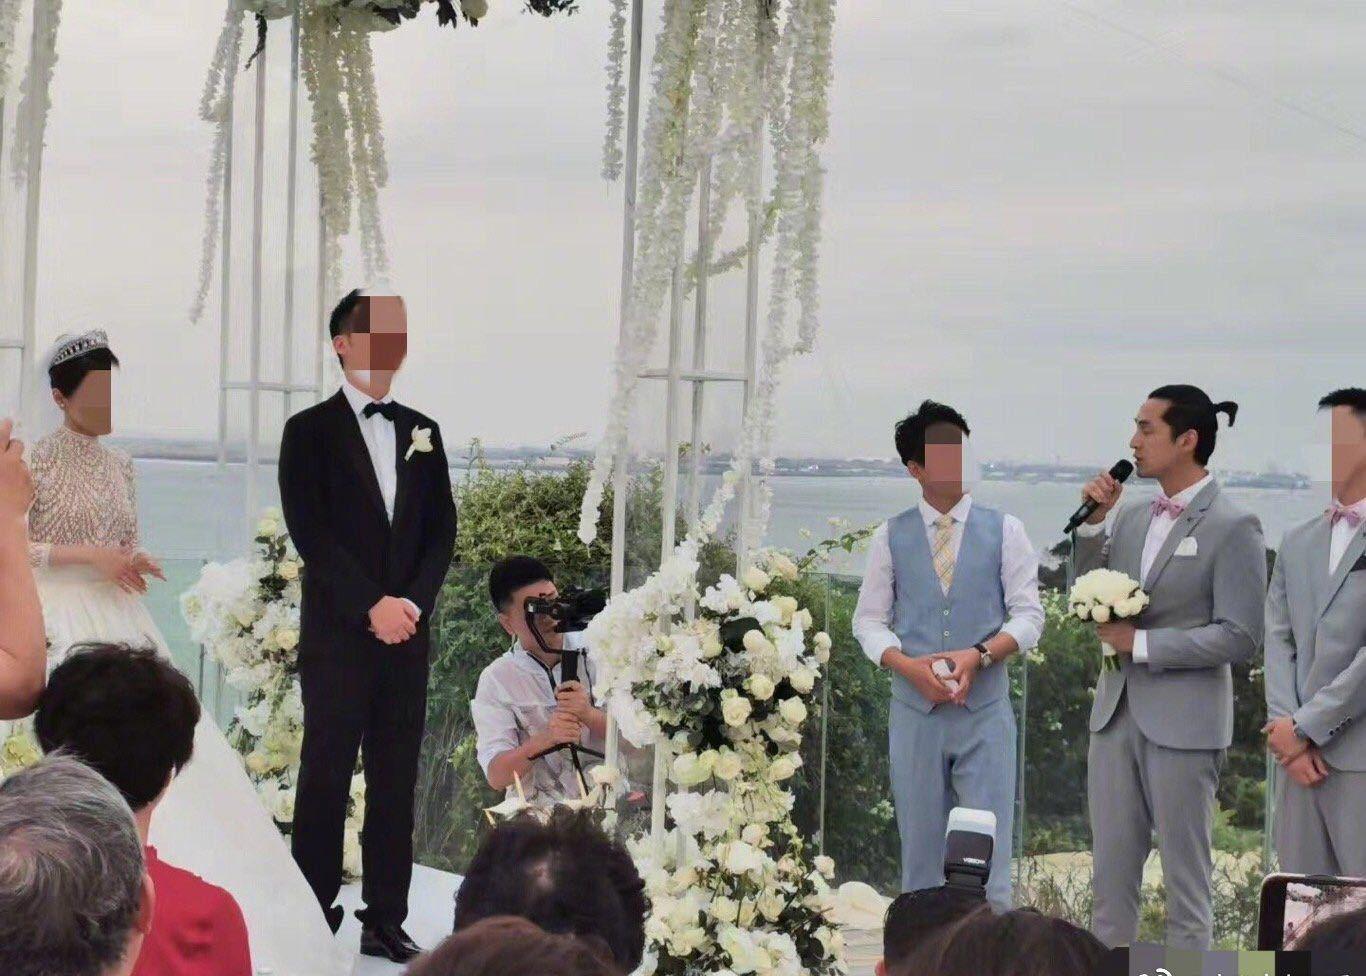 胡歌抢到手捧花怎么回事?胡歌当伴郎参加谁的婚礼?